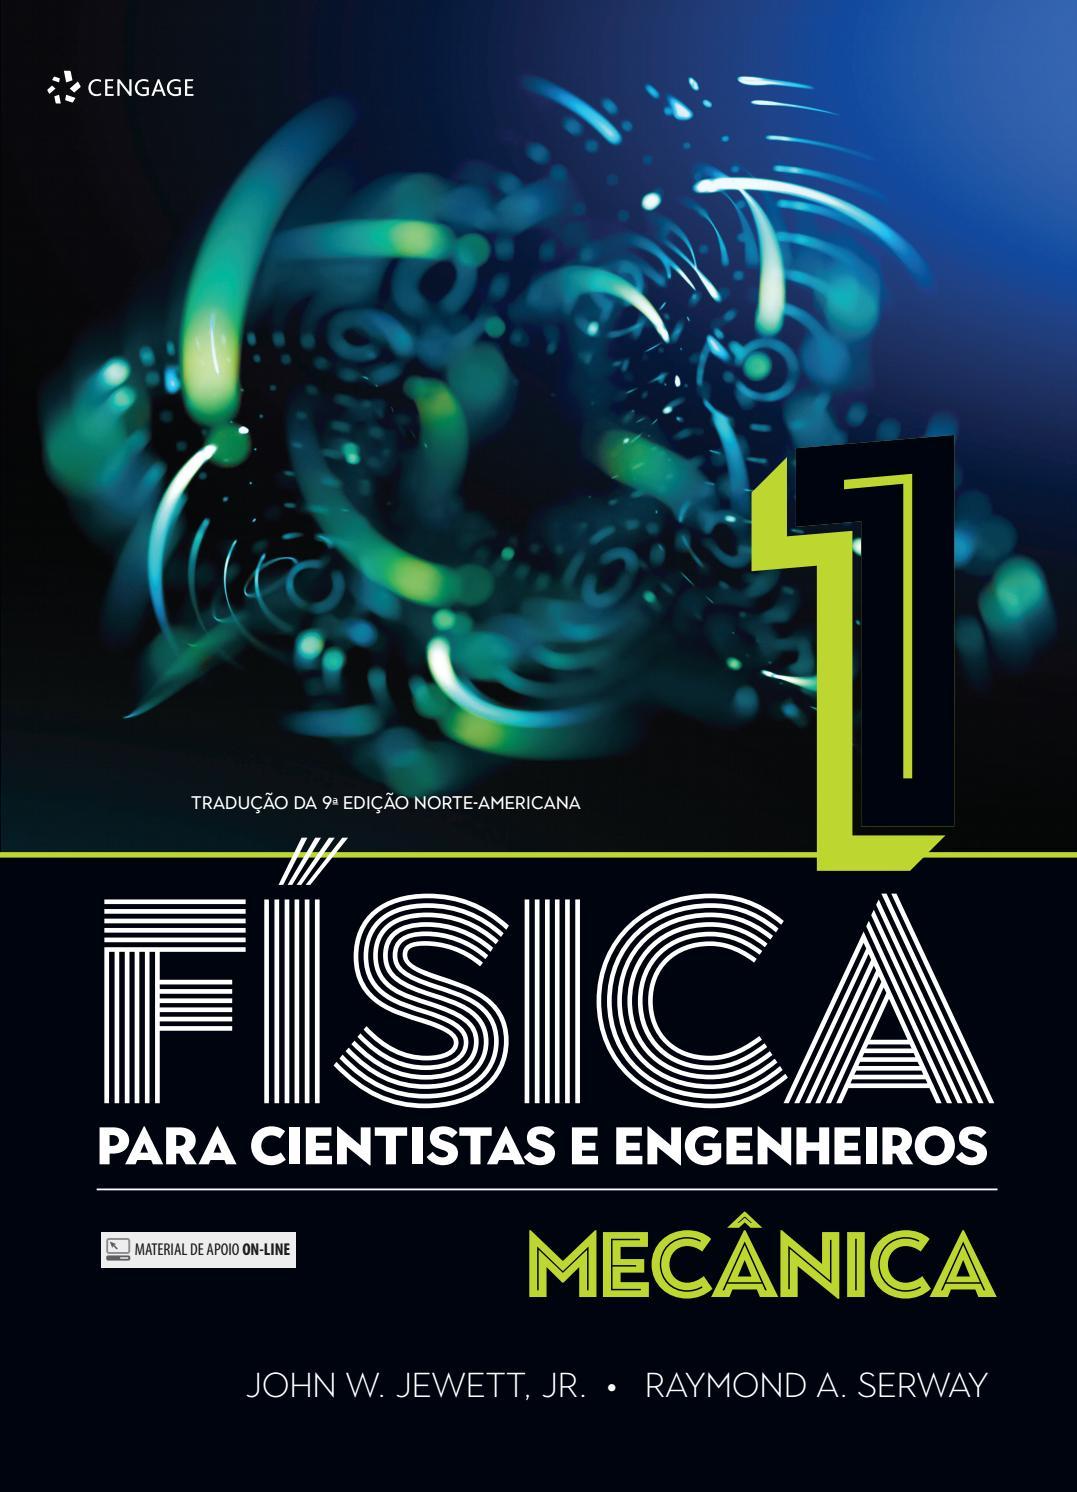 Física Para Cientistas E Engenheiros   Volume 1 Mecânica   Tradução Da 9ª  Edição Norte Americana By Cengage Brasil   Issuu